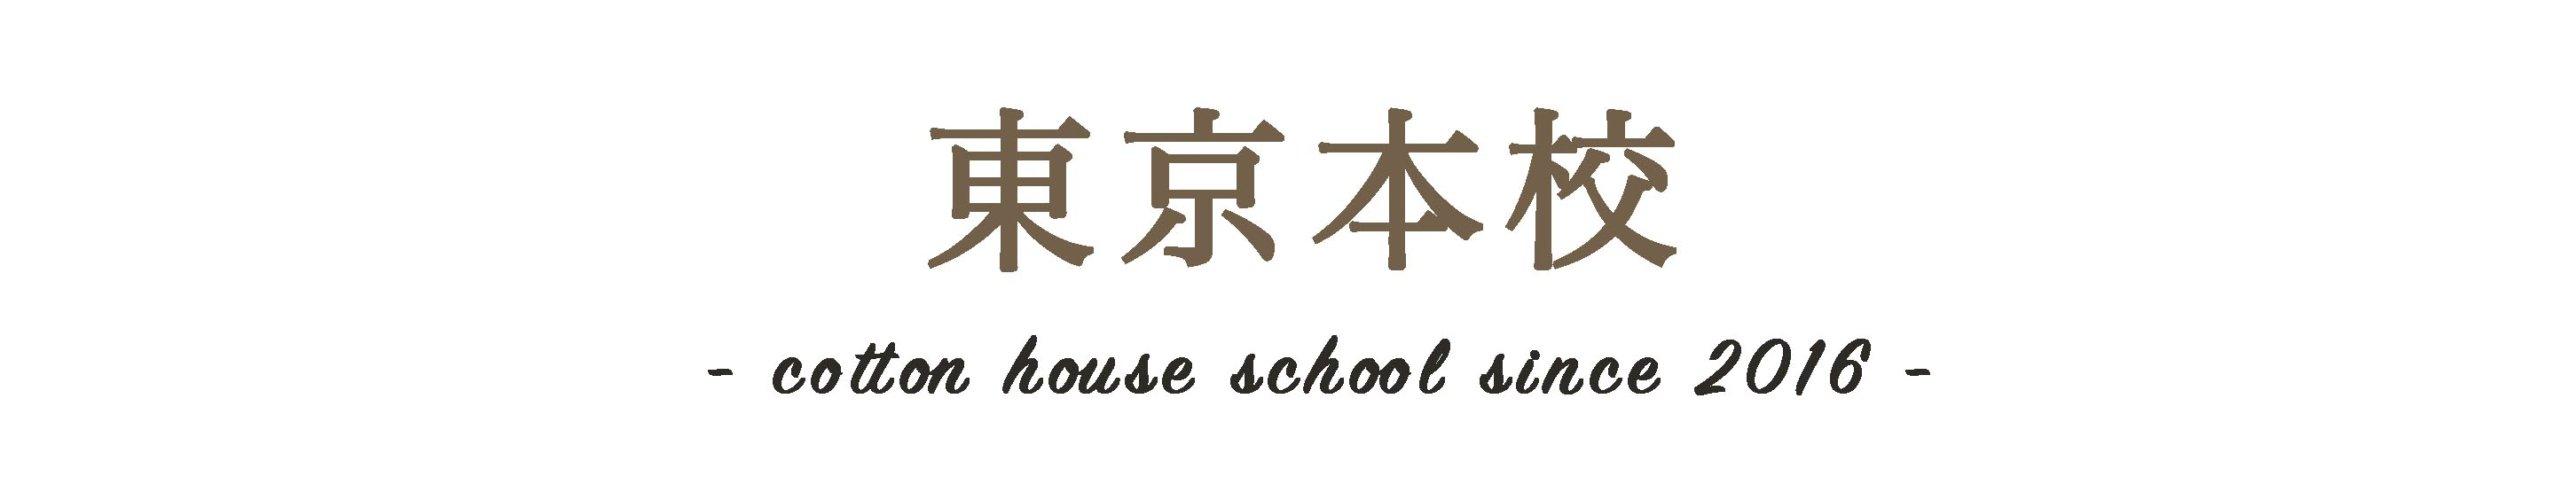 東京本校コットンハウス